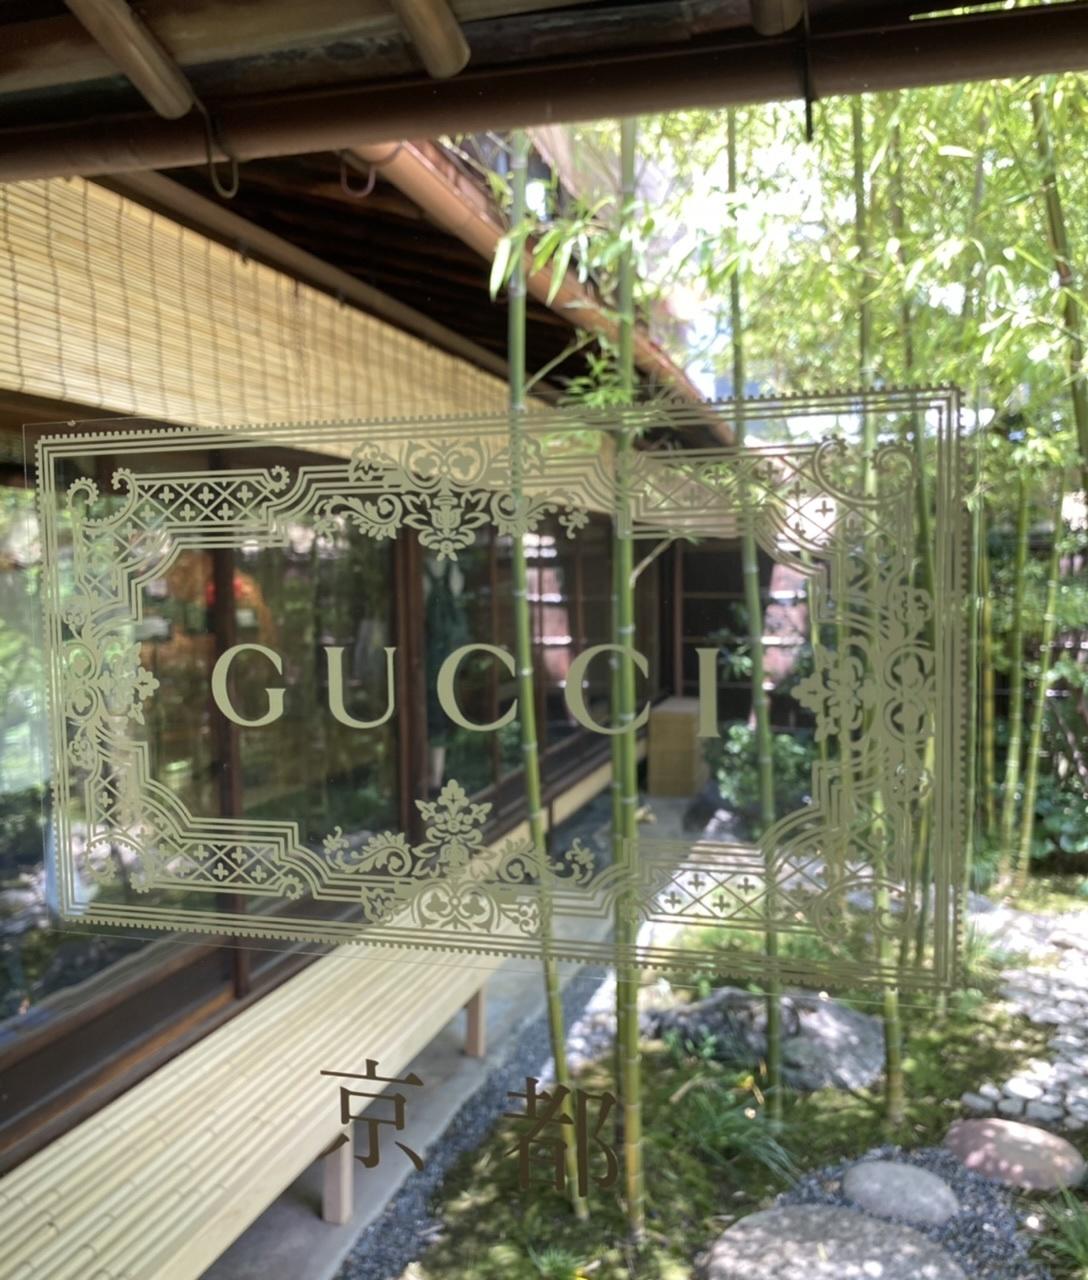 京都旧川崎邸「グッチバンブーハウス」にてグッチの世界観を堪能!!_1_2